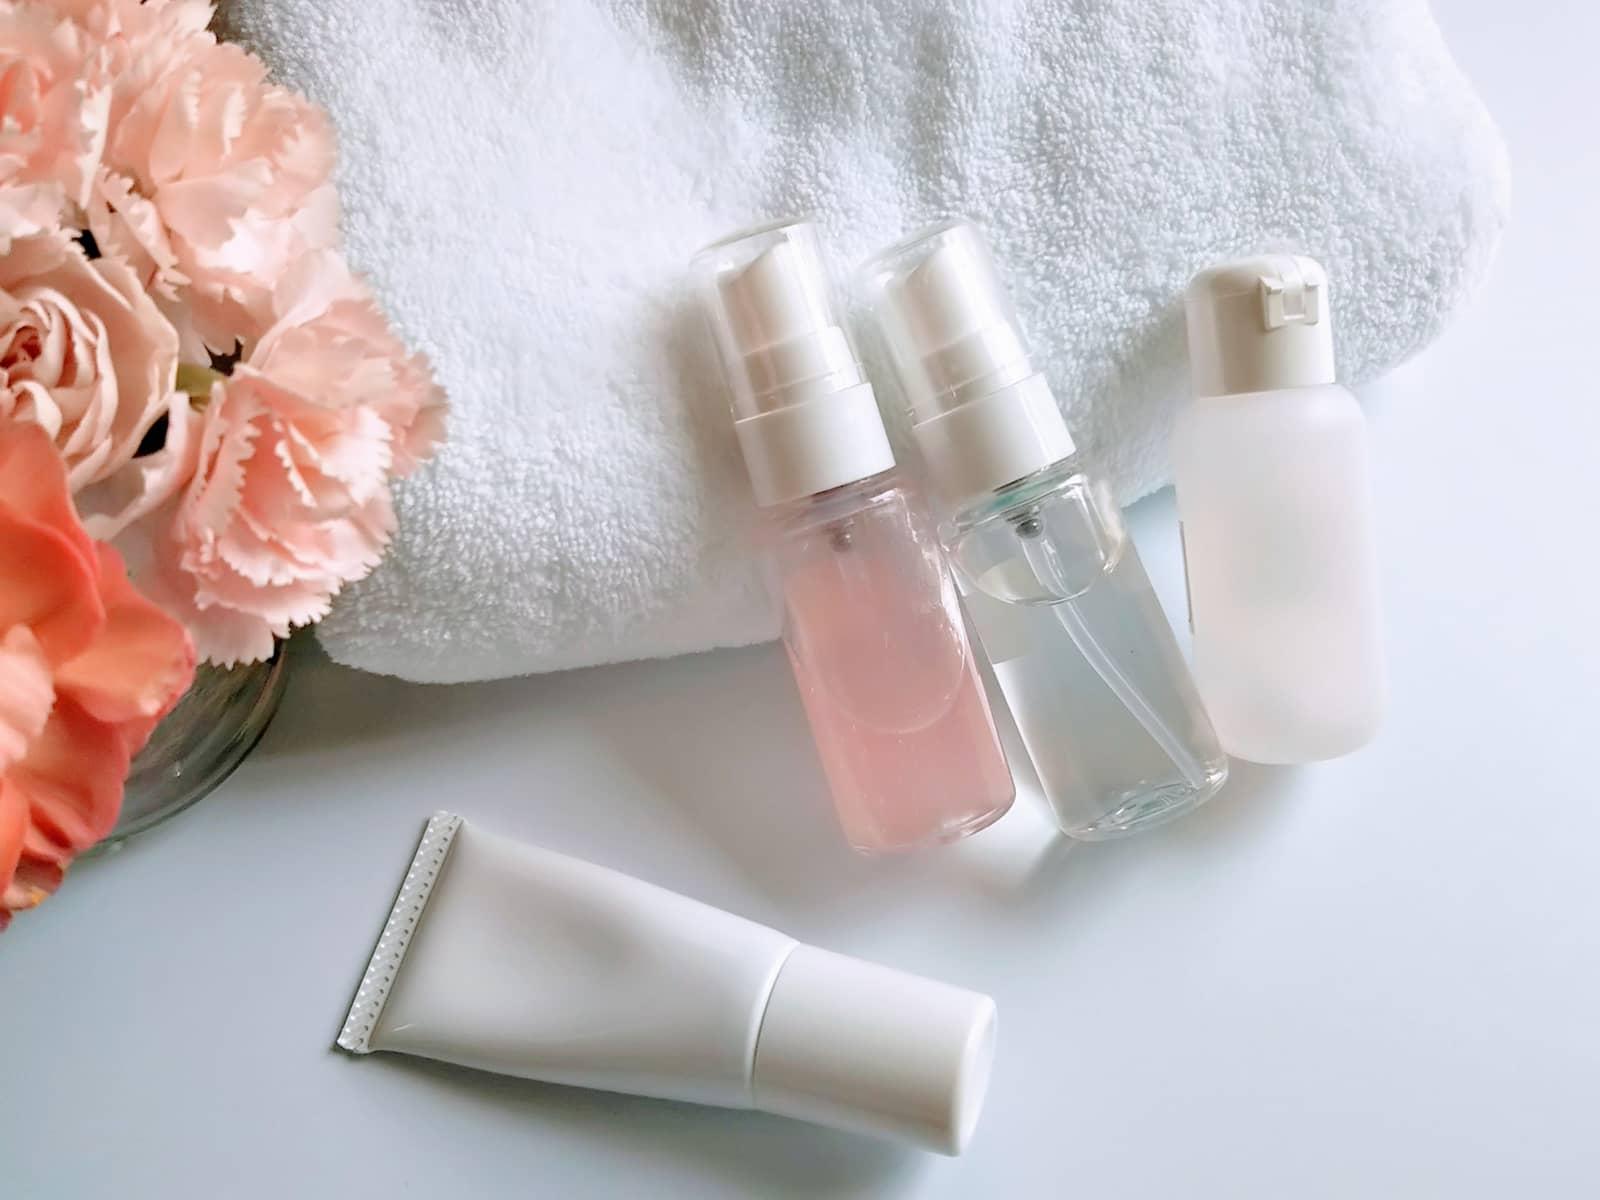 洗面用具、化粧品